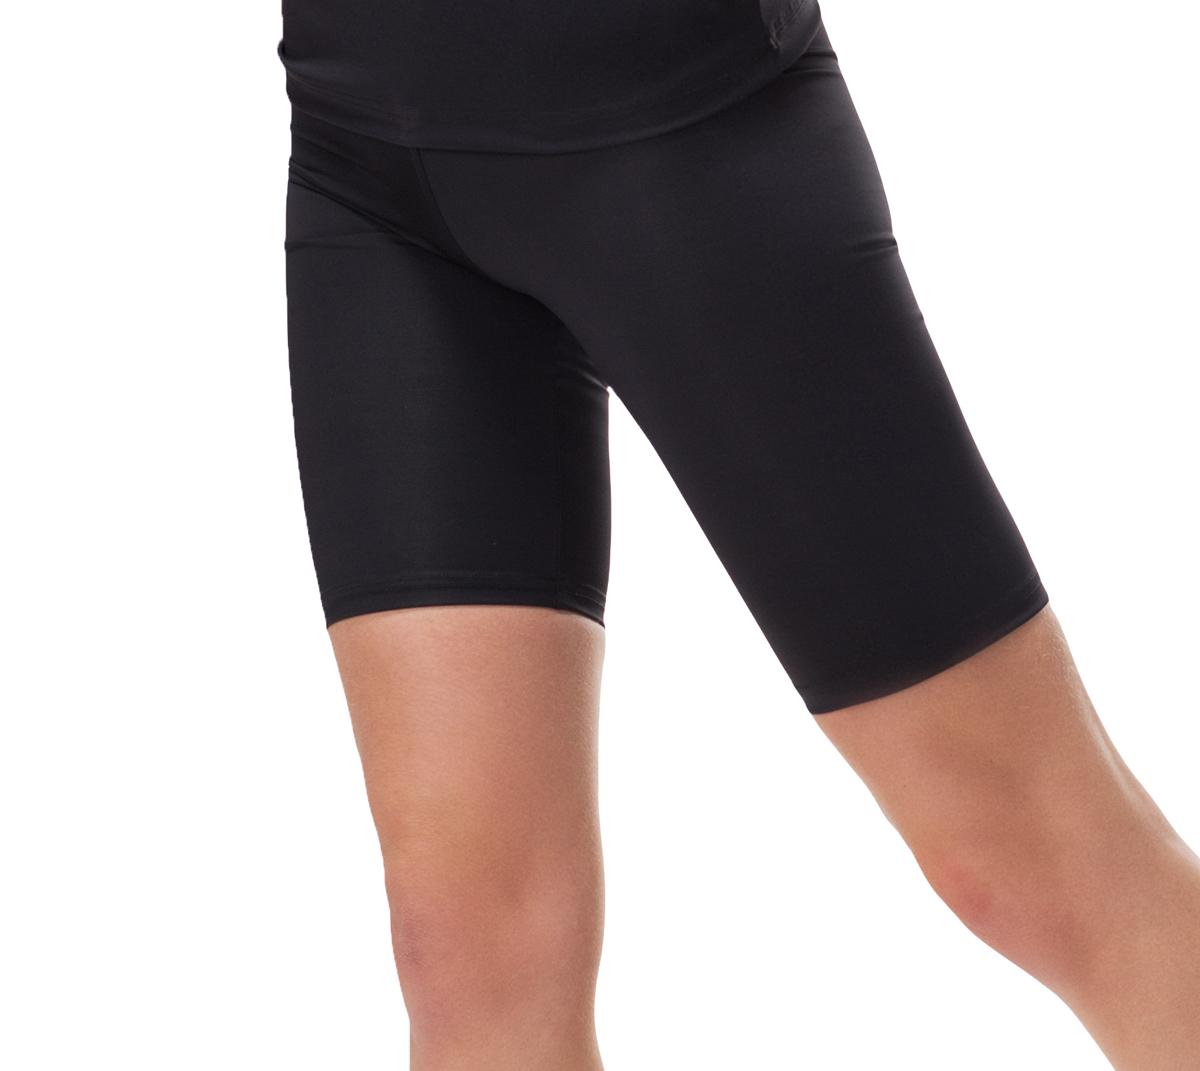 Жен. шорты Фитнес Черный р. 54-56Косметический текстиль<br><br><br>Тип: Жен. шорты<br>Размер: 54-56<br>Материал: Полиэстер